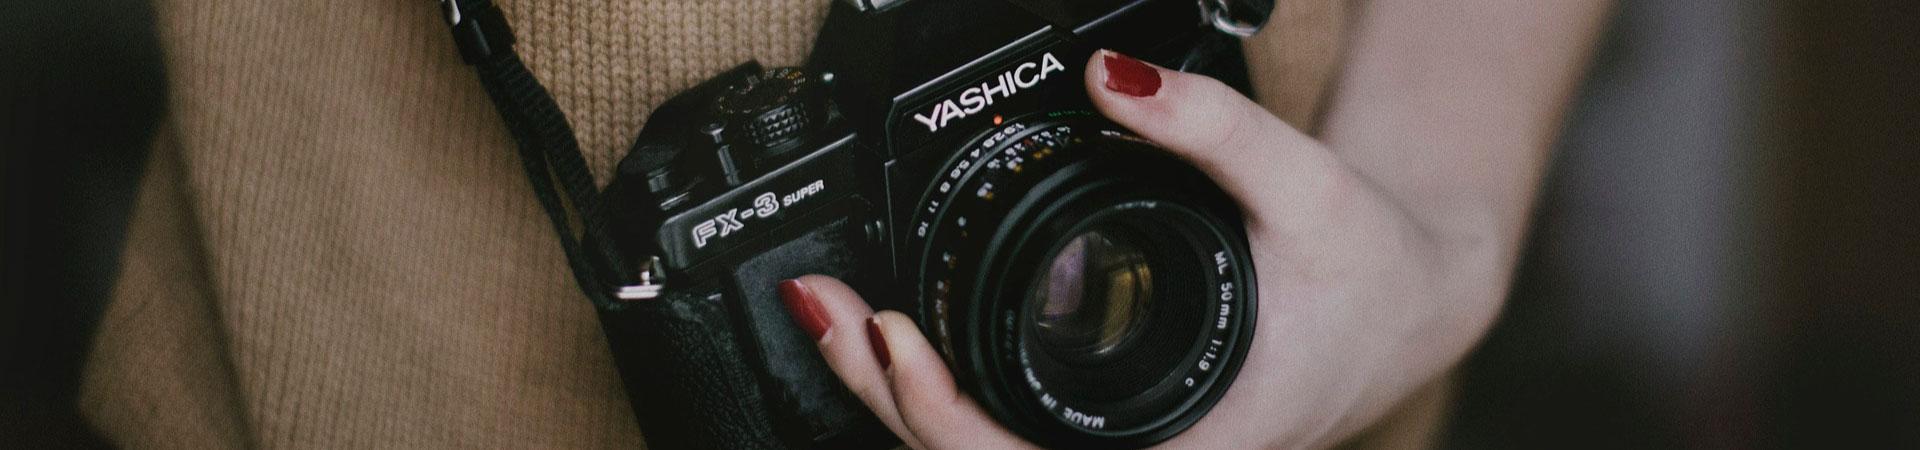 alojamiento de fotos